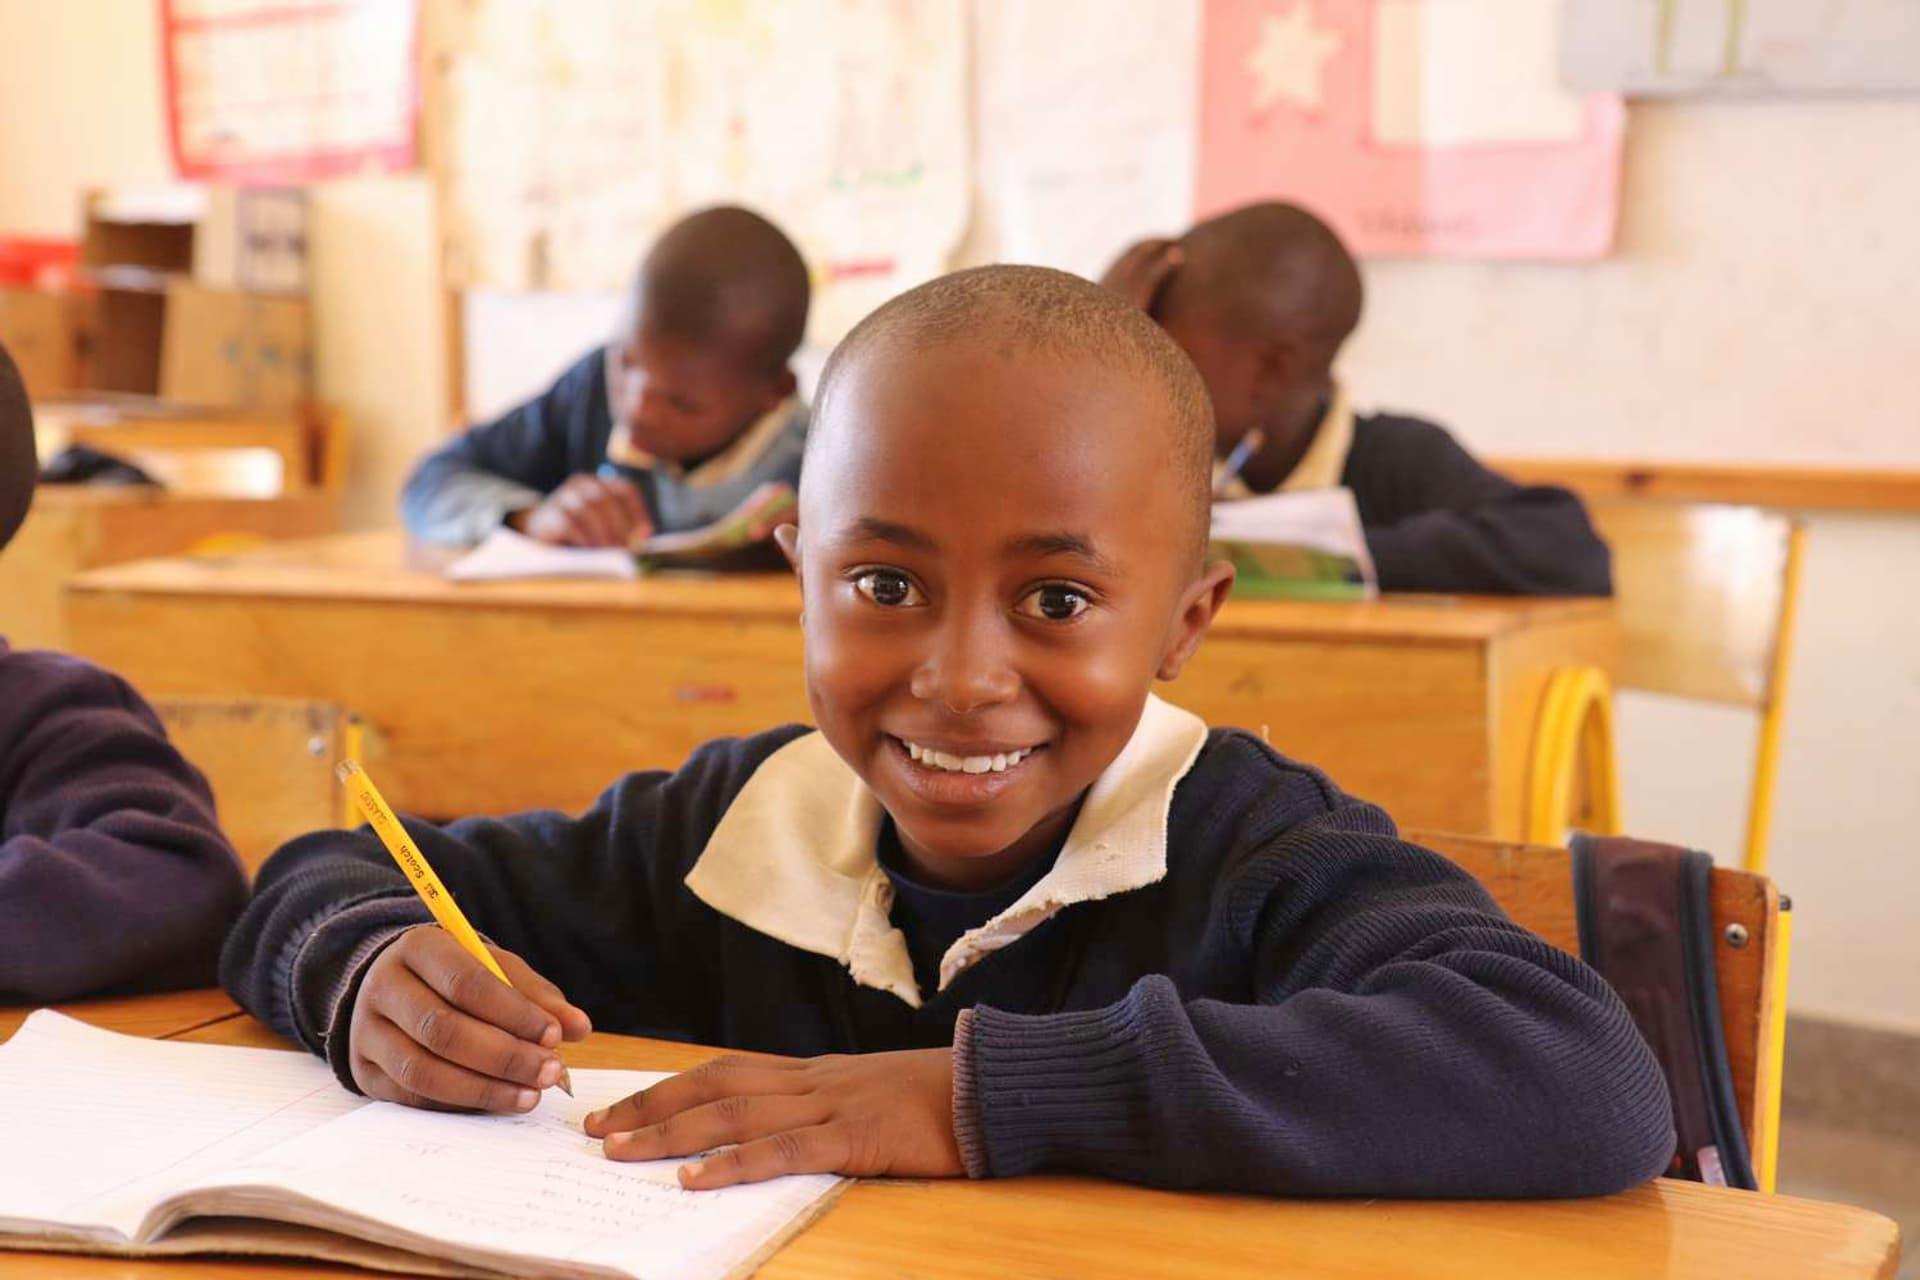 Ein Kind sitzt an einer Schulbank und lächelt in die Kamera